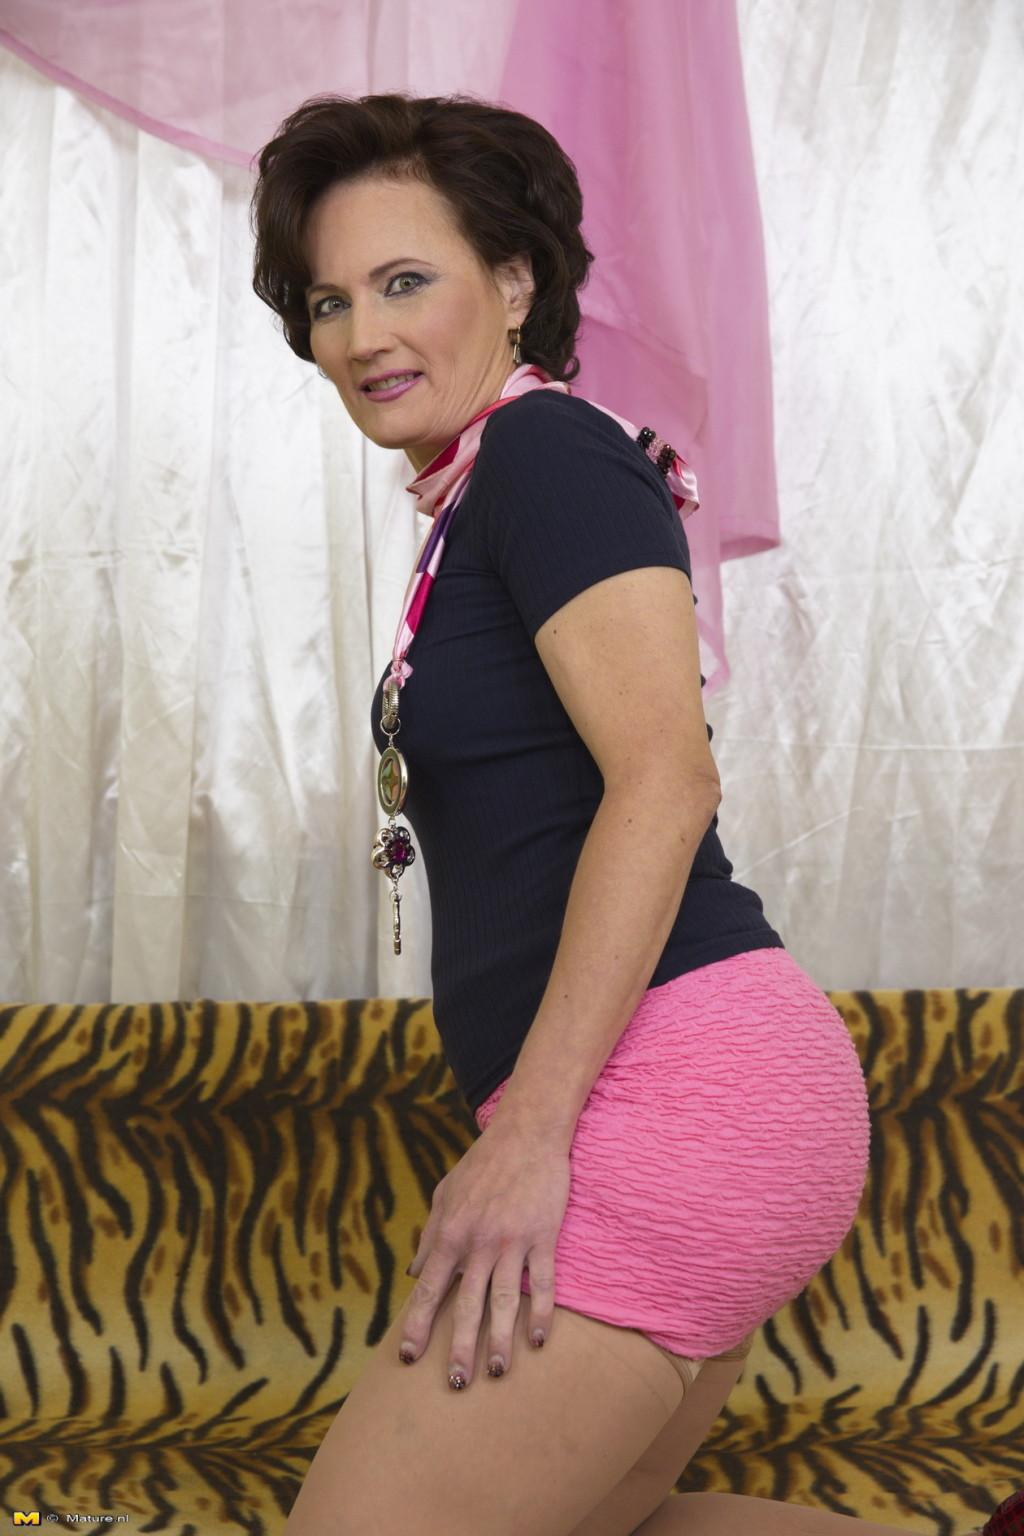 Nl Mature Tube understand upskirt porn pics nl mature thighs final — online